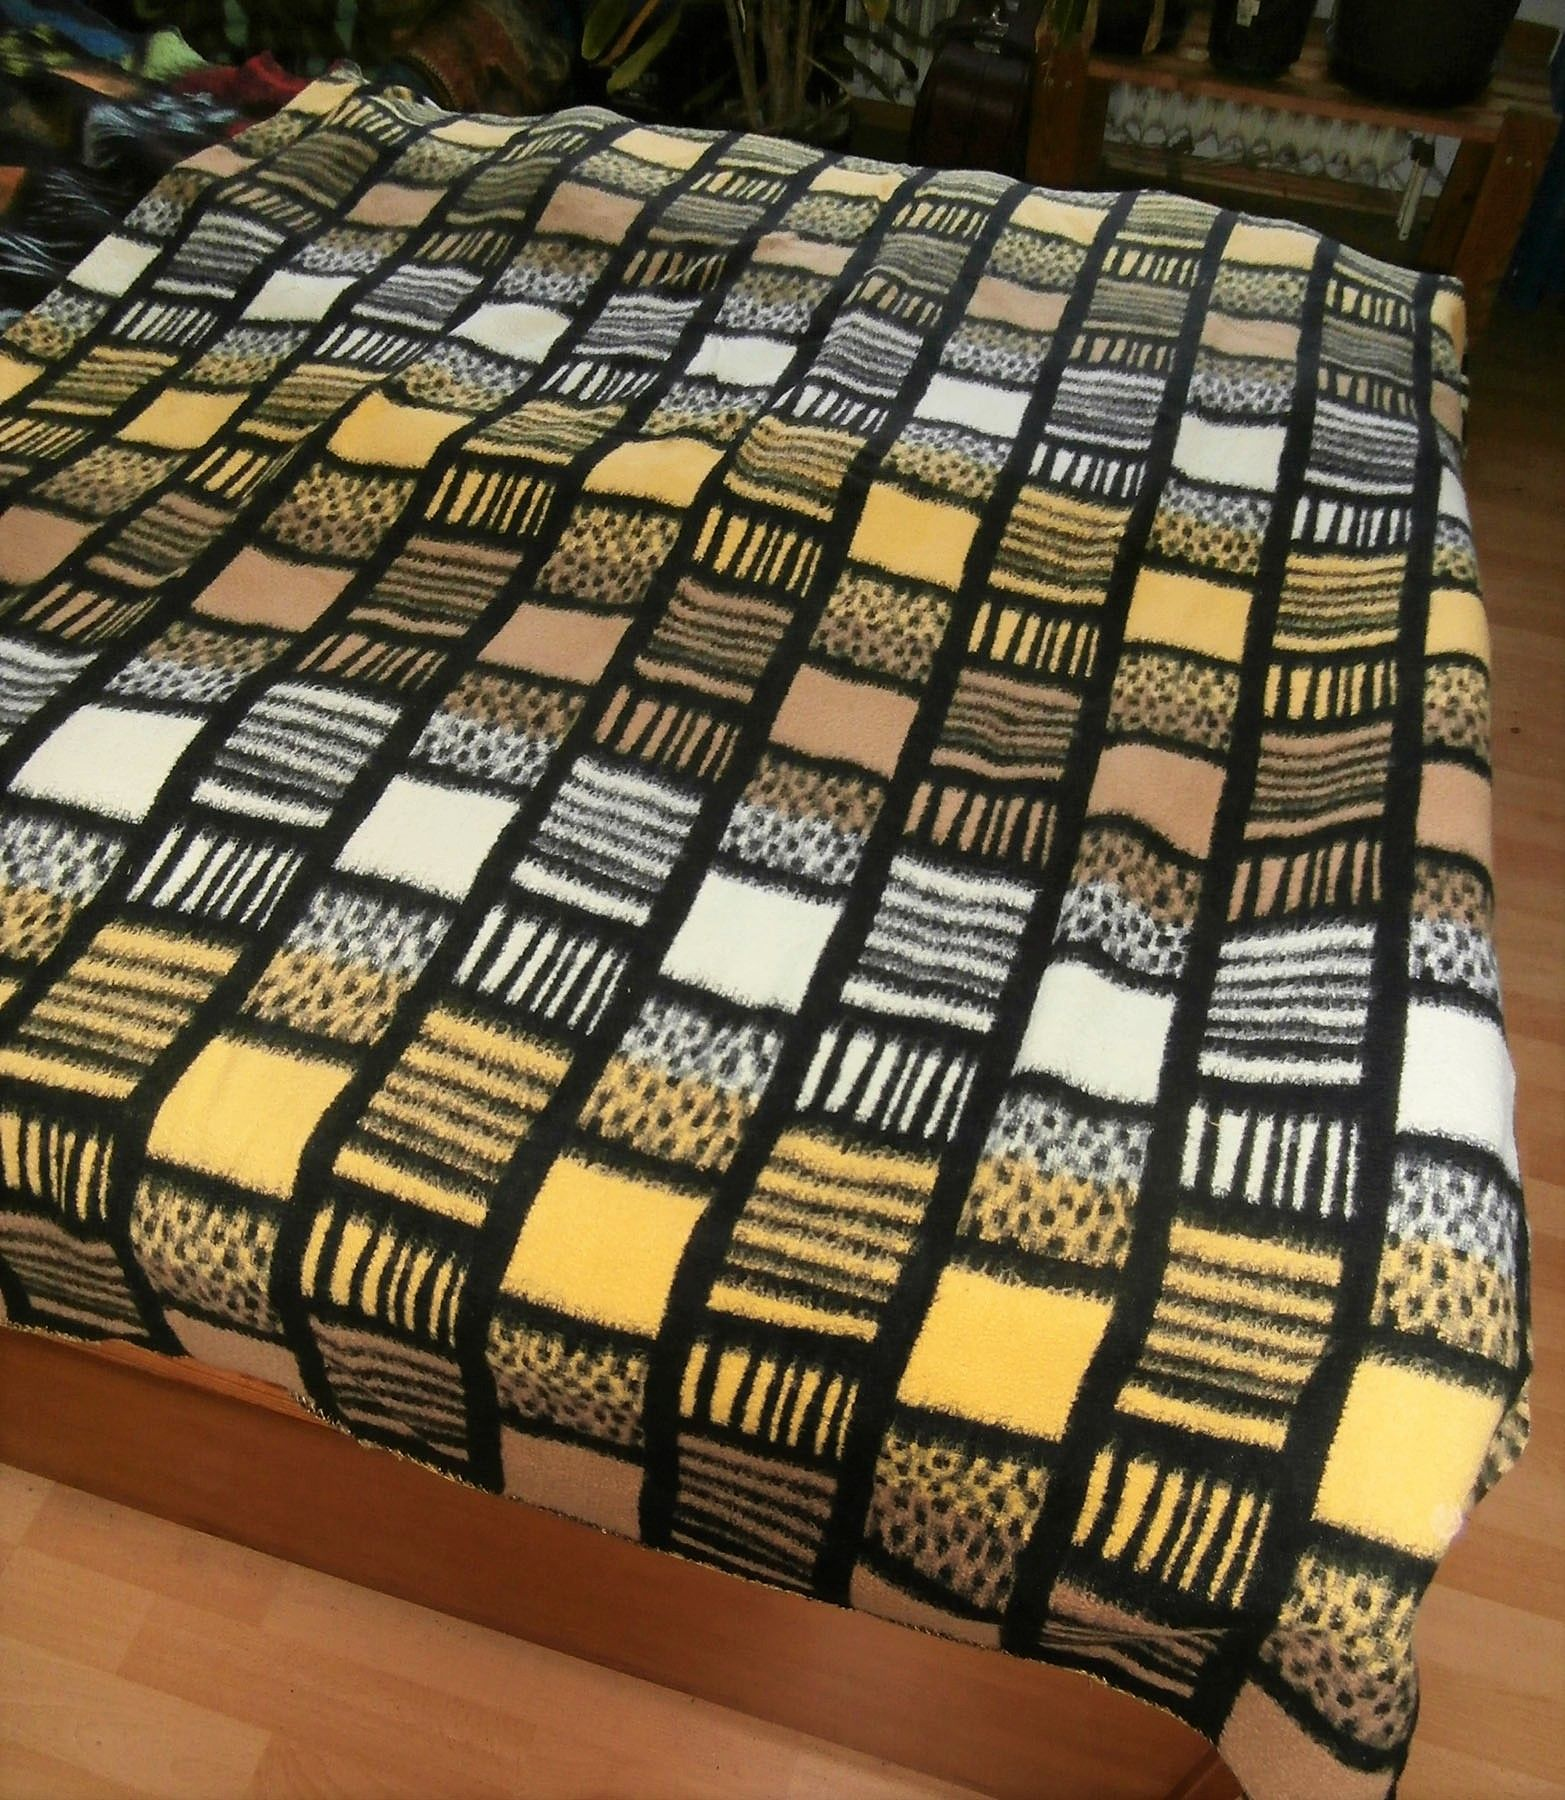 3 New Blankets Vintage Woolblanket Retroblankets Blanketmuseum Instagram 50s 60s Prop Oudedekens Vintageblanket Vintagedeken Wolldecke Decke Stoffe